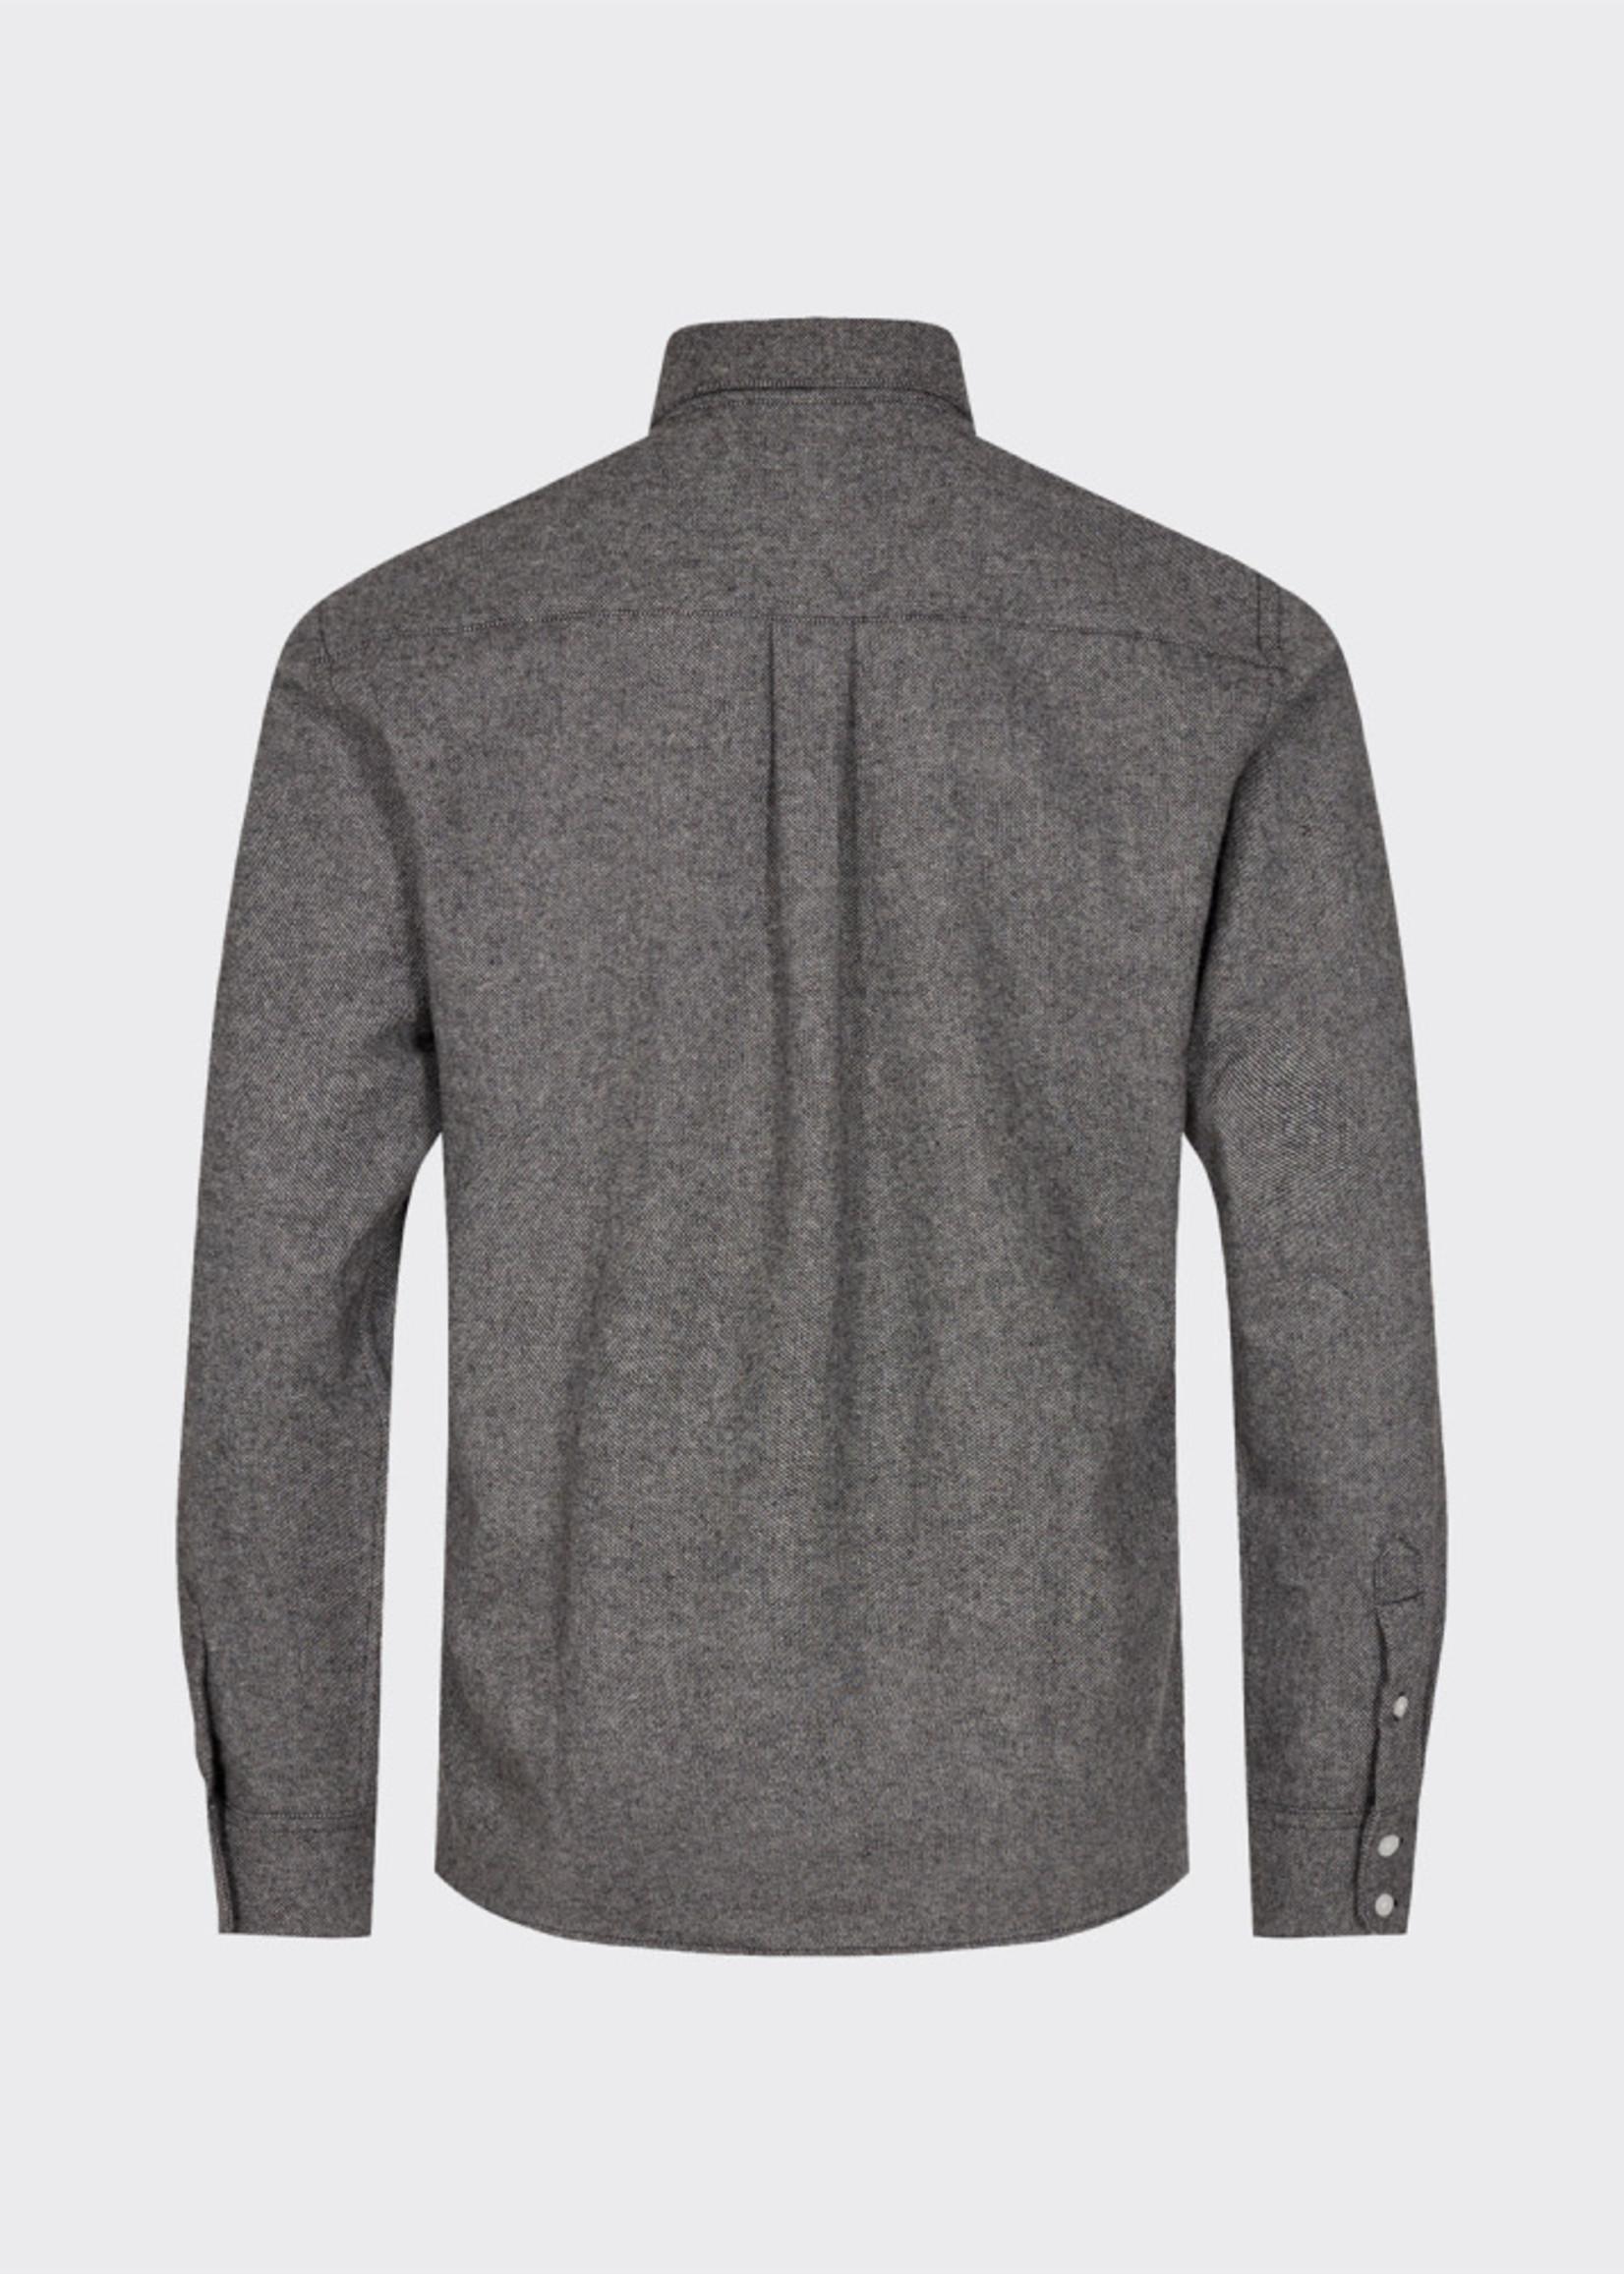 MINIMUM ZACH DRESS SHIRT